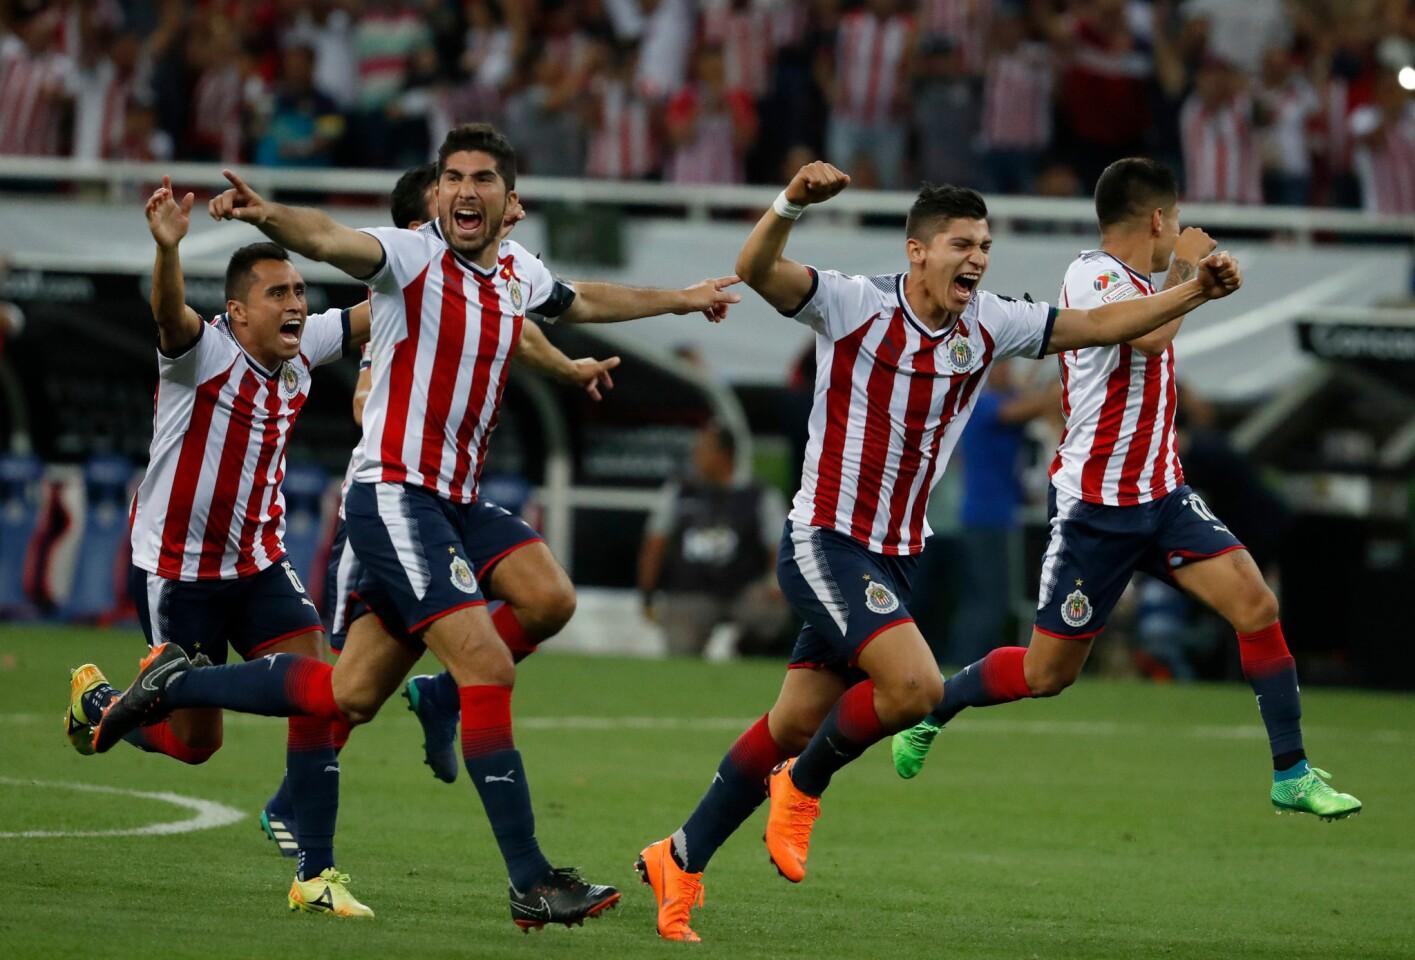 Los jugadores de Chivas festejan su victoria ante Toronto FC en la final de la Liga de Campeones de la CONCACAF, el miércoles 25 de abril de 2018 (AP Foto/Eduardo Verdugo) ** Usable by HOY, ELSENT and SD Only **